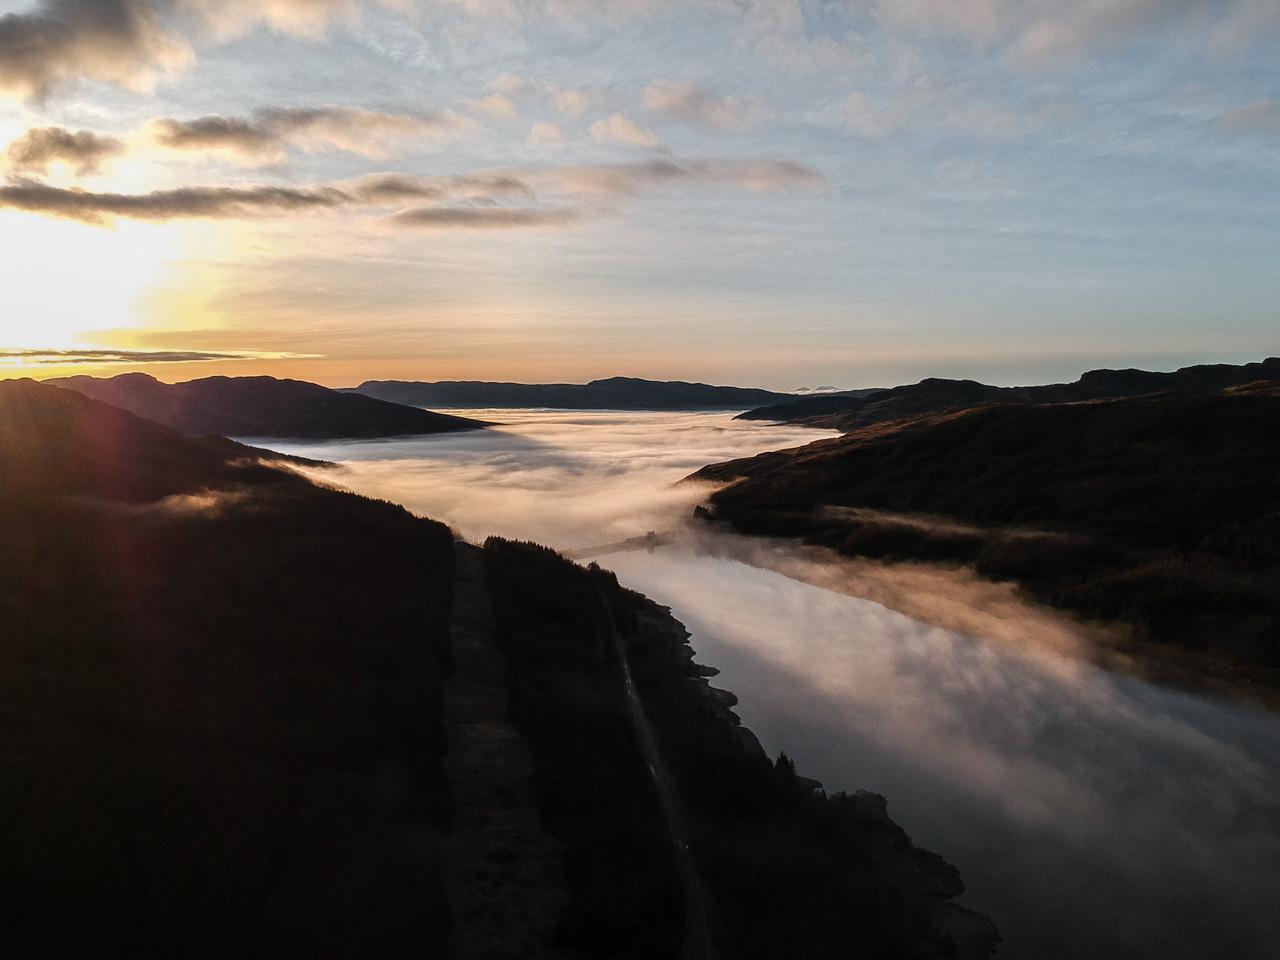 Vue aérienne d'une lac d'Ecosse